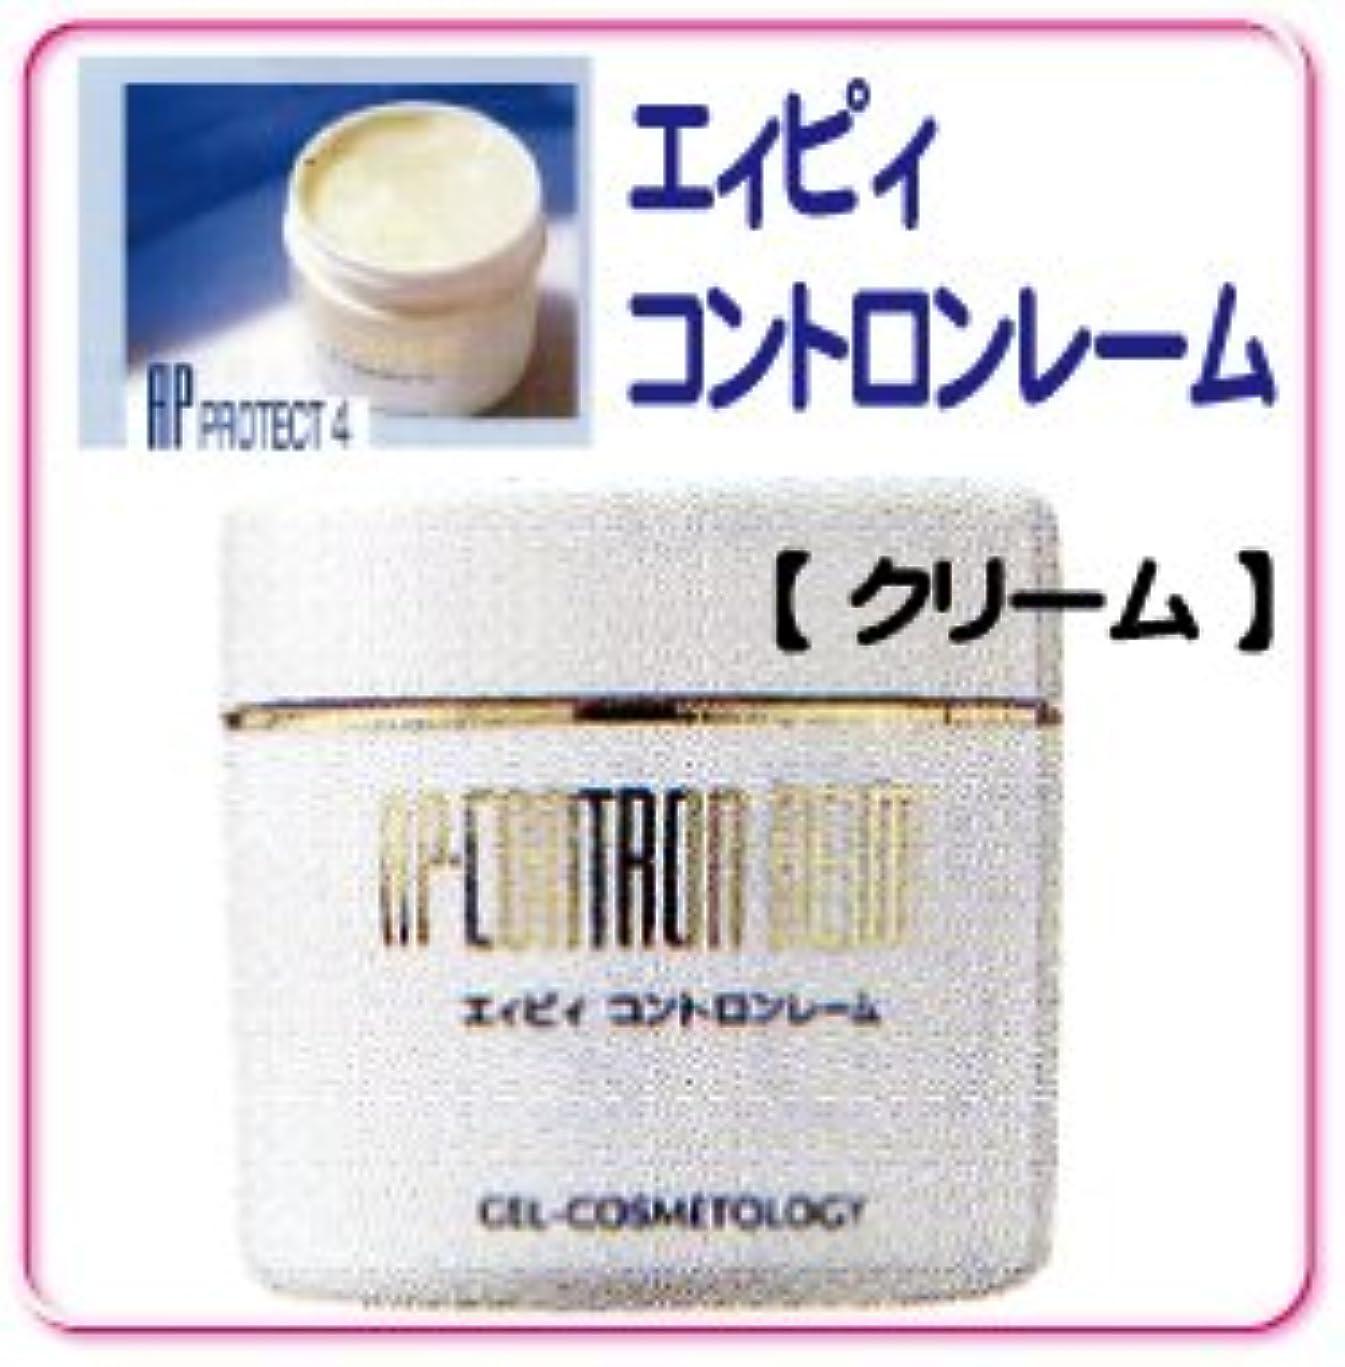 ラジウム普及悪性のベルマン化粧品 APprotectシリーズ  コントロンレーム  敏感肌用クリーム 110g